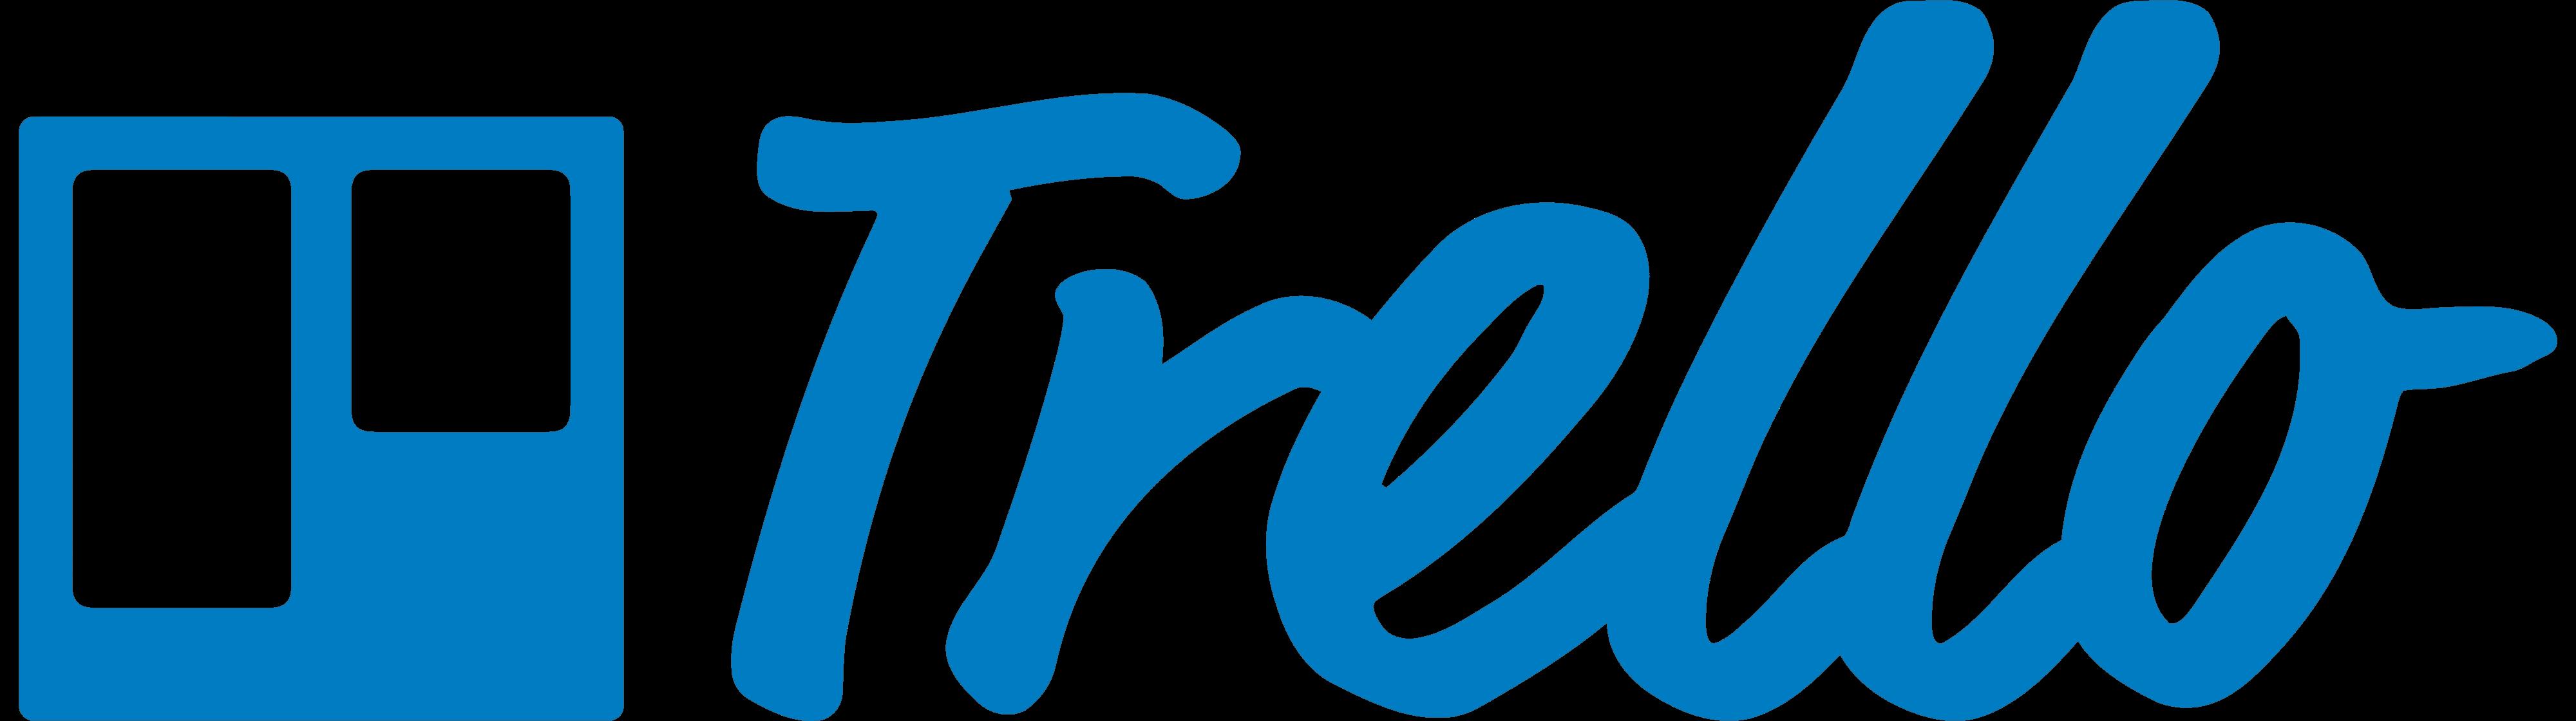 Logo do Trello.